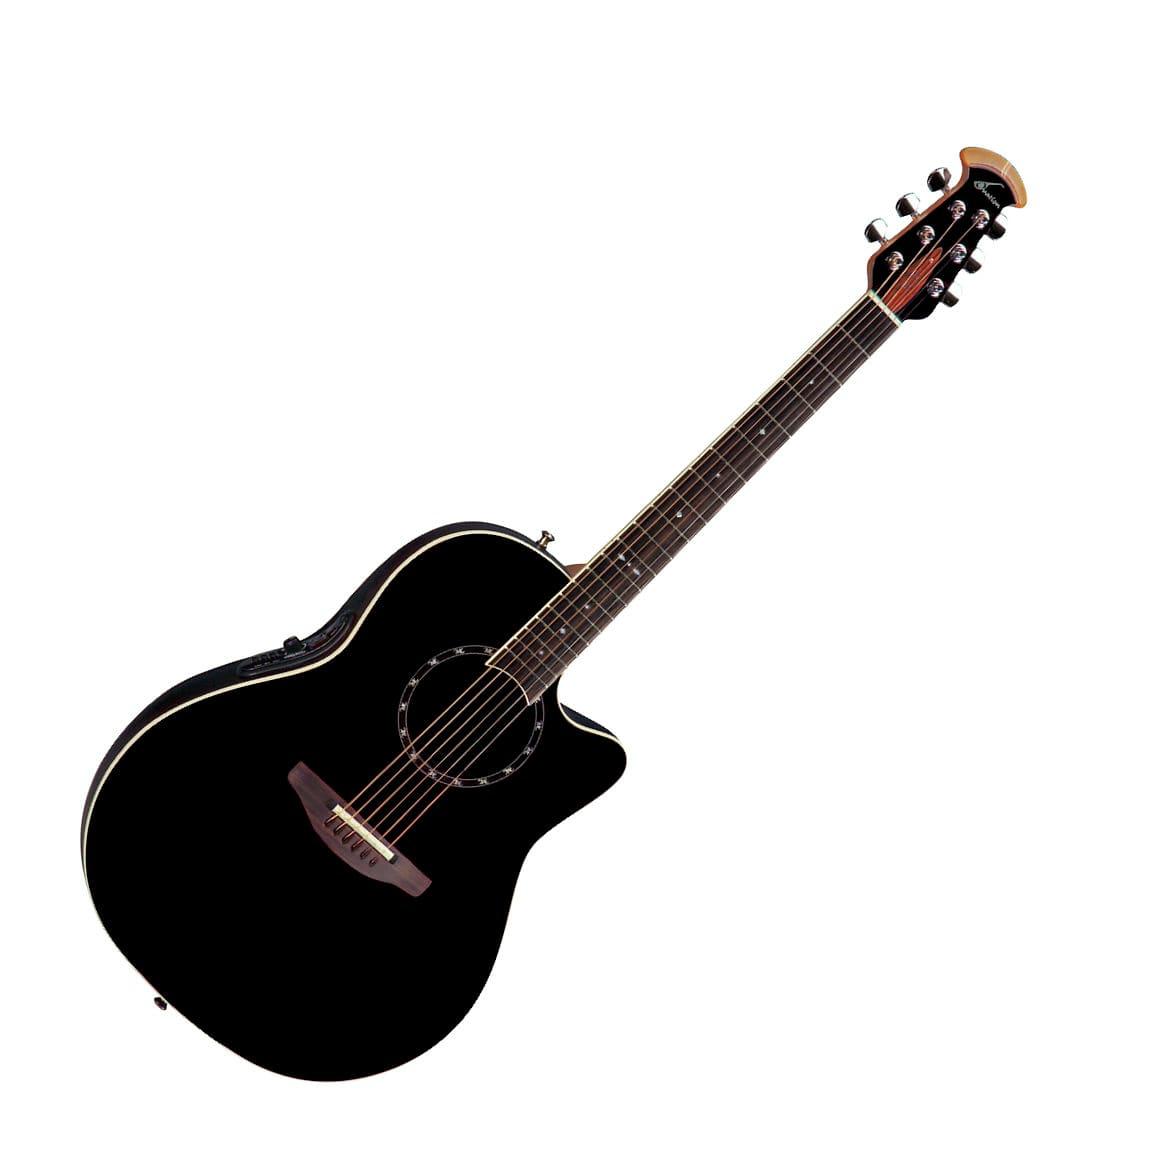 ovation 1771 lx standard balladeer acoustic electric guitar reverb. Black Bedroom Furniture Sets. Home Design Ideas